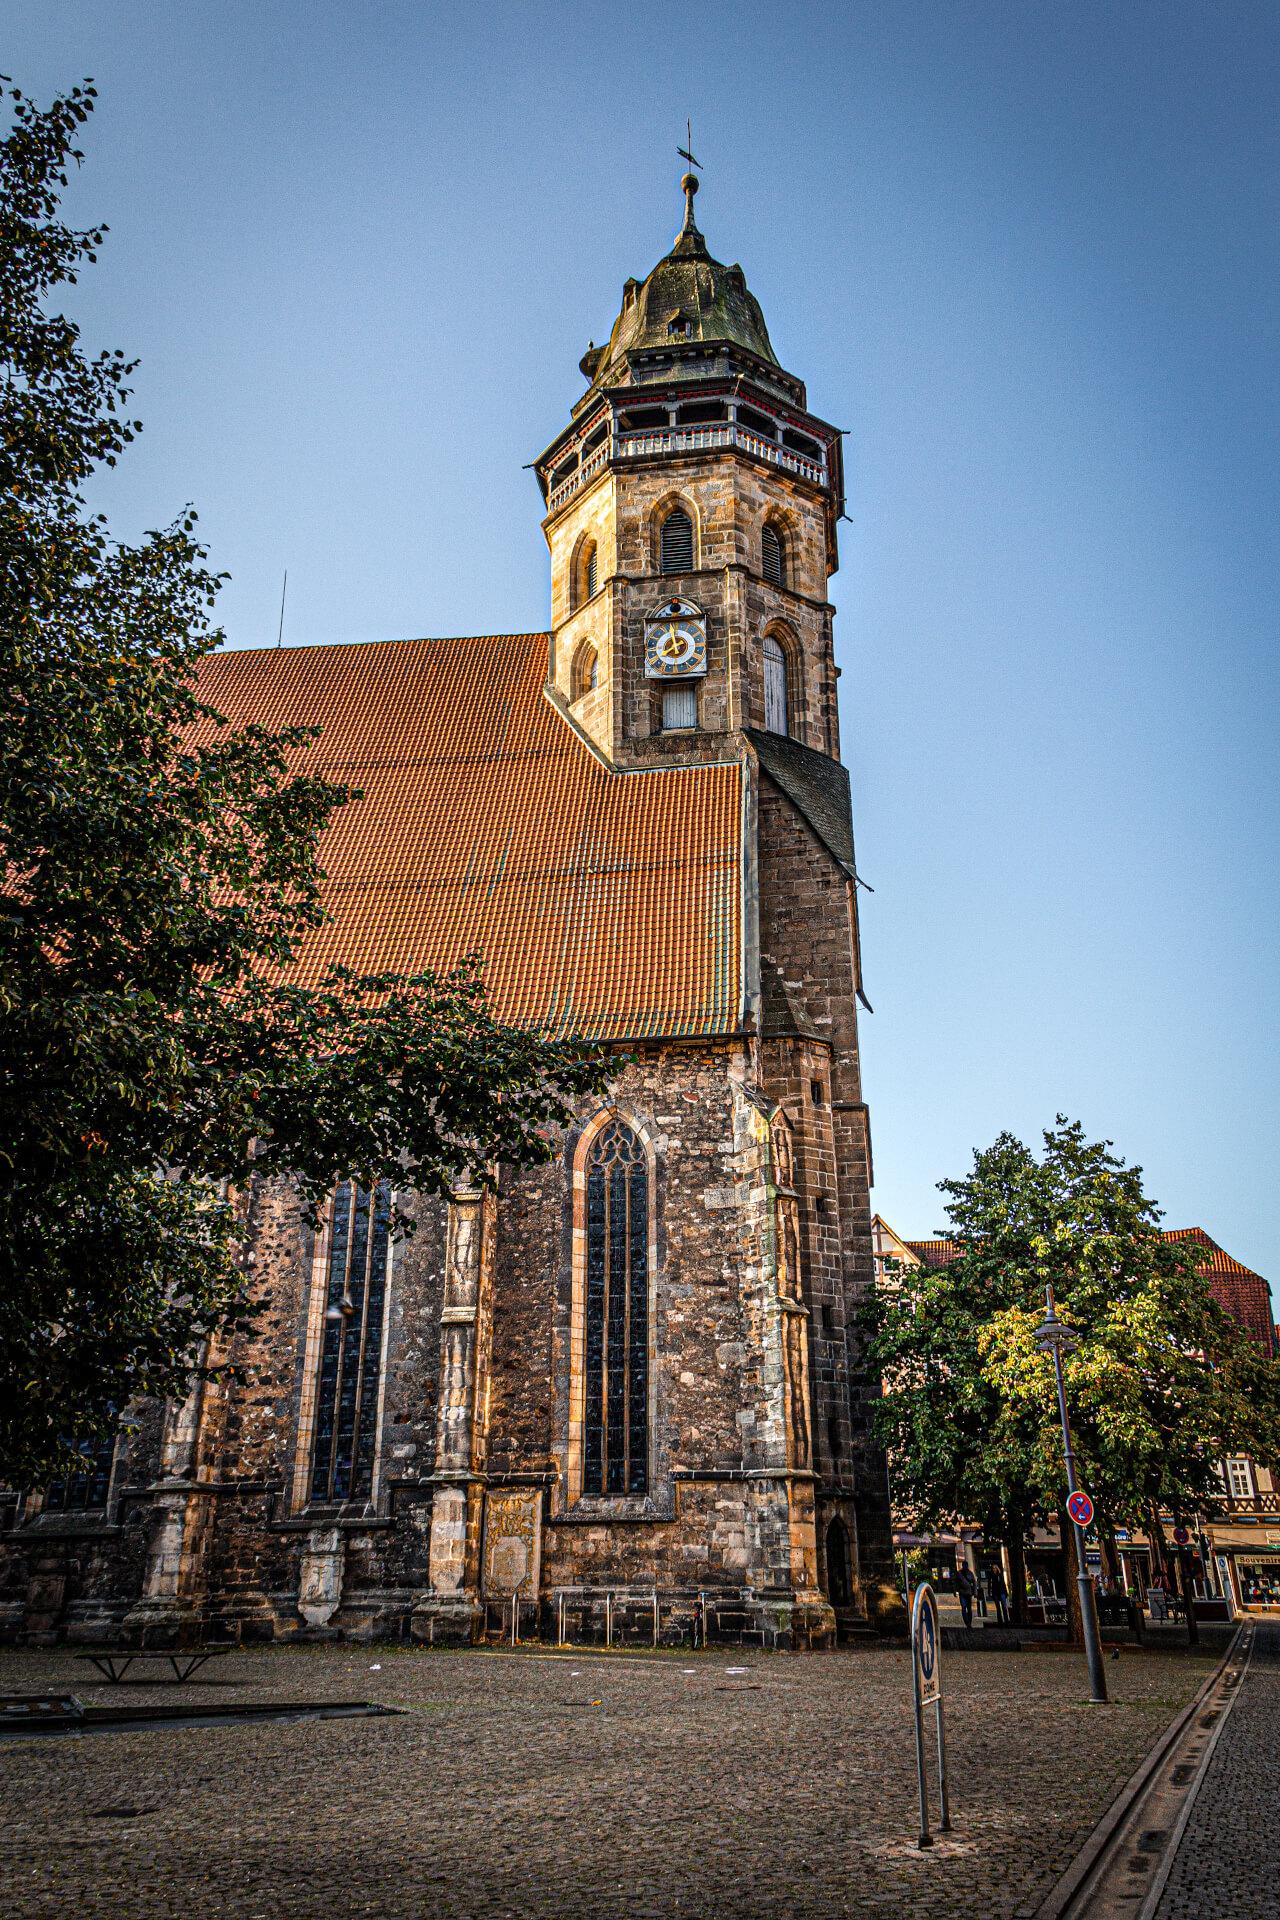 St. Blasius Kirche in Hann. Münden